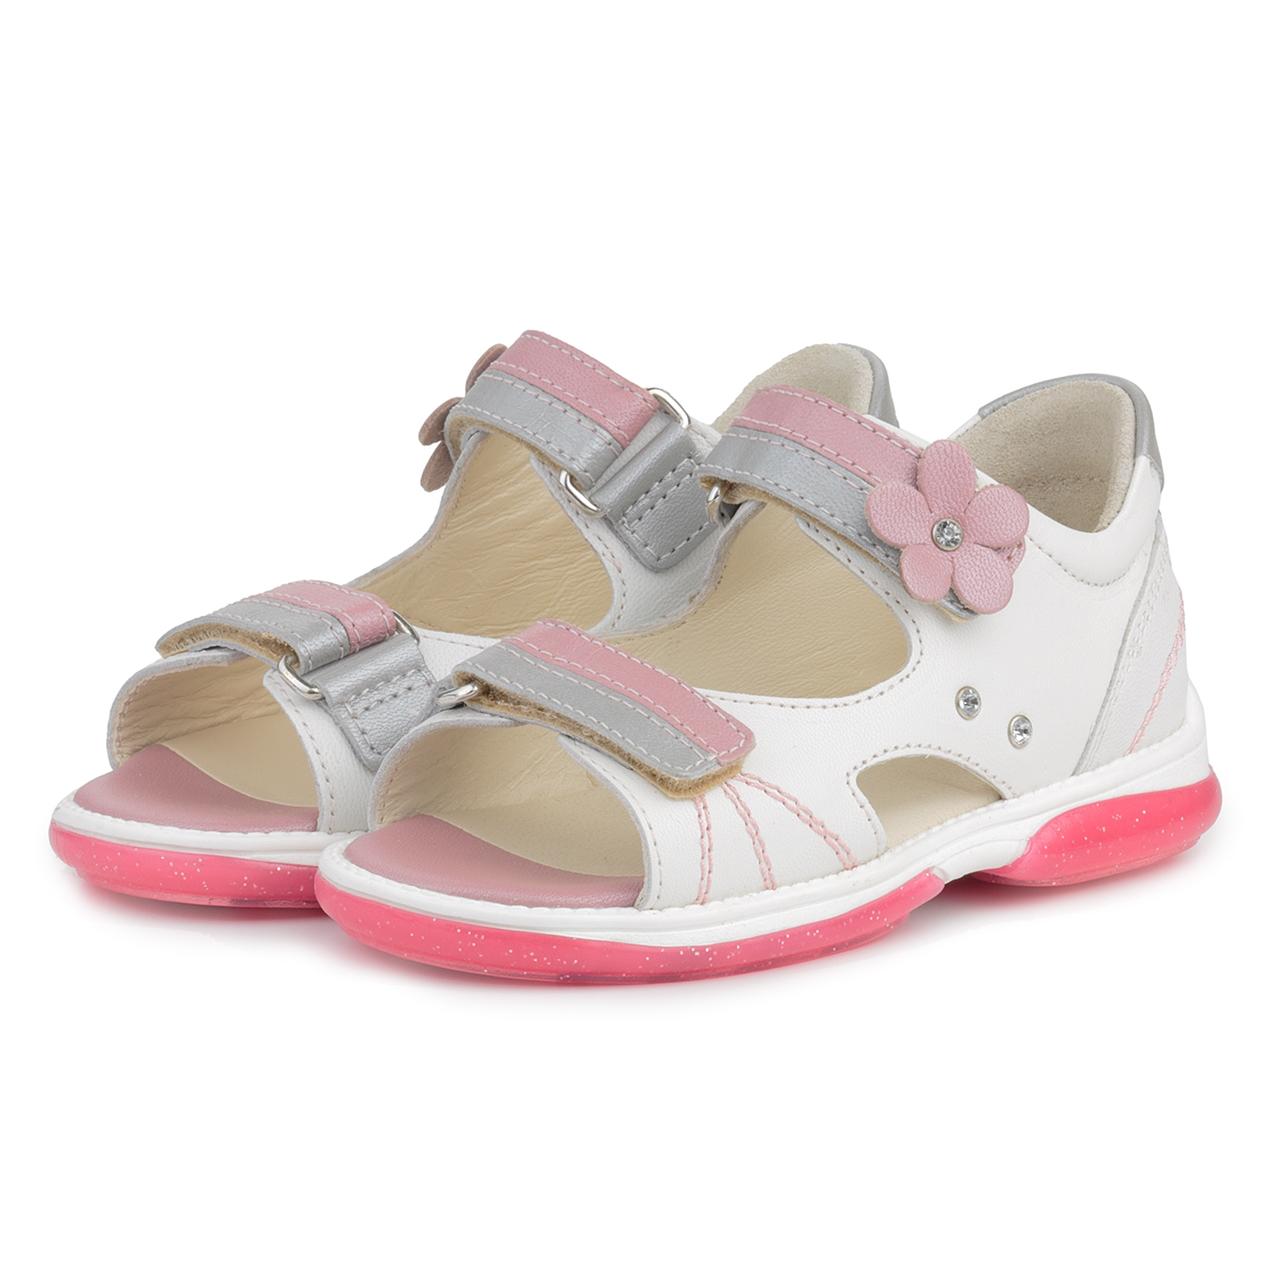 Memo Shoes. Memo Jaspis 3AB White